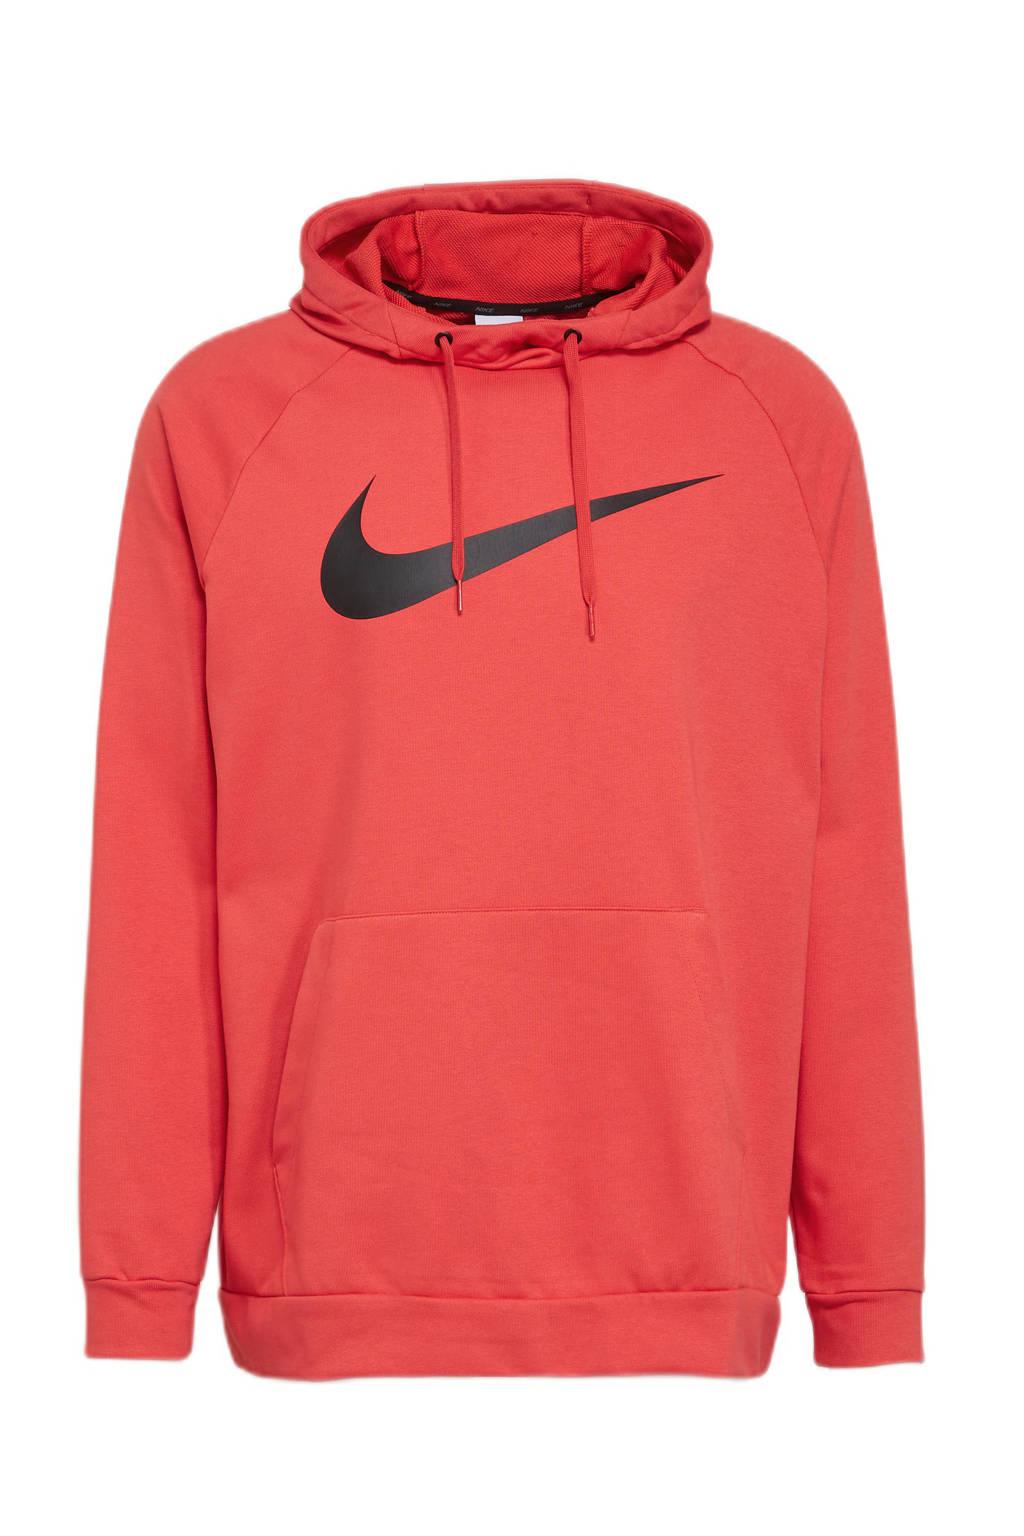 Nike   sporthoodie brique/zwart, Brique/zwart